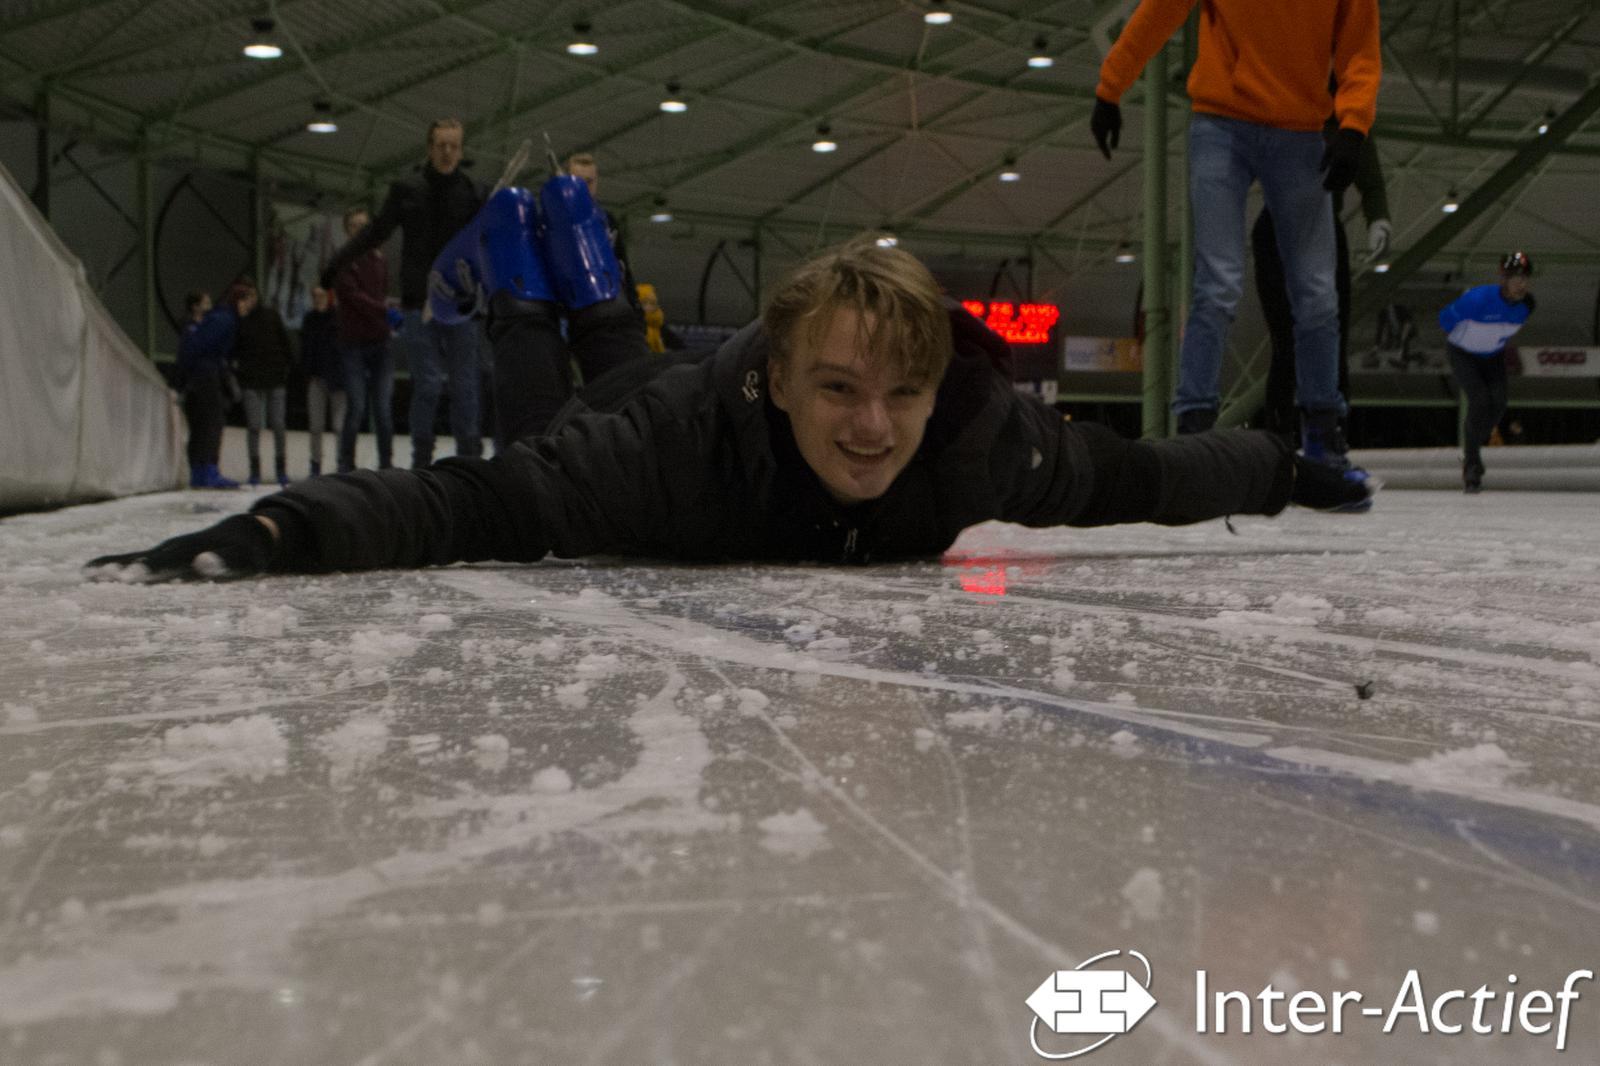 IceSkating20200116_NielsdeGroot-48.jpg